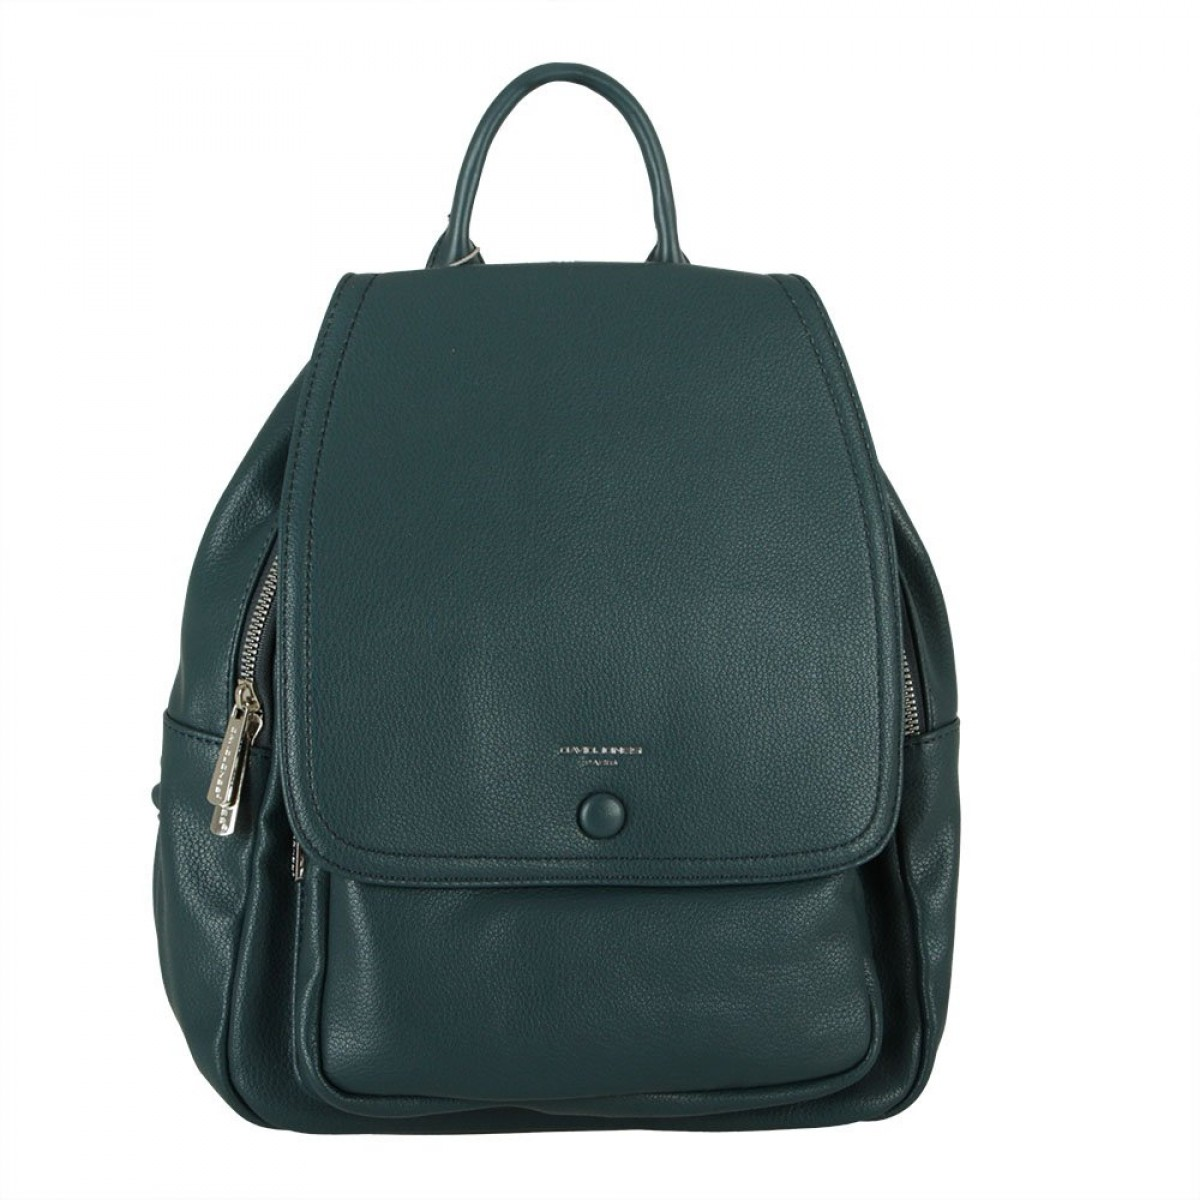 Жіночий рюкзак David Jones 6428-2 PEACOCK BLUE